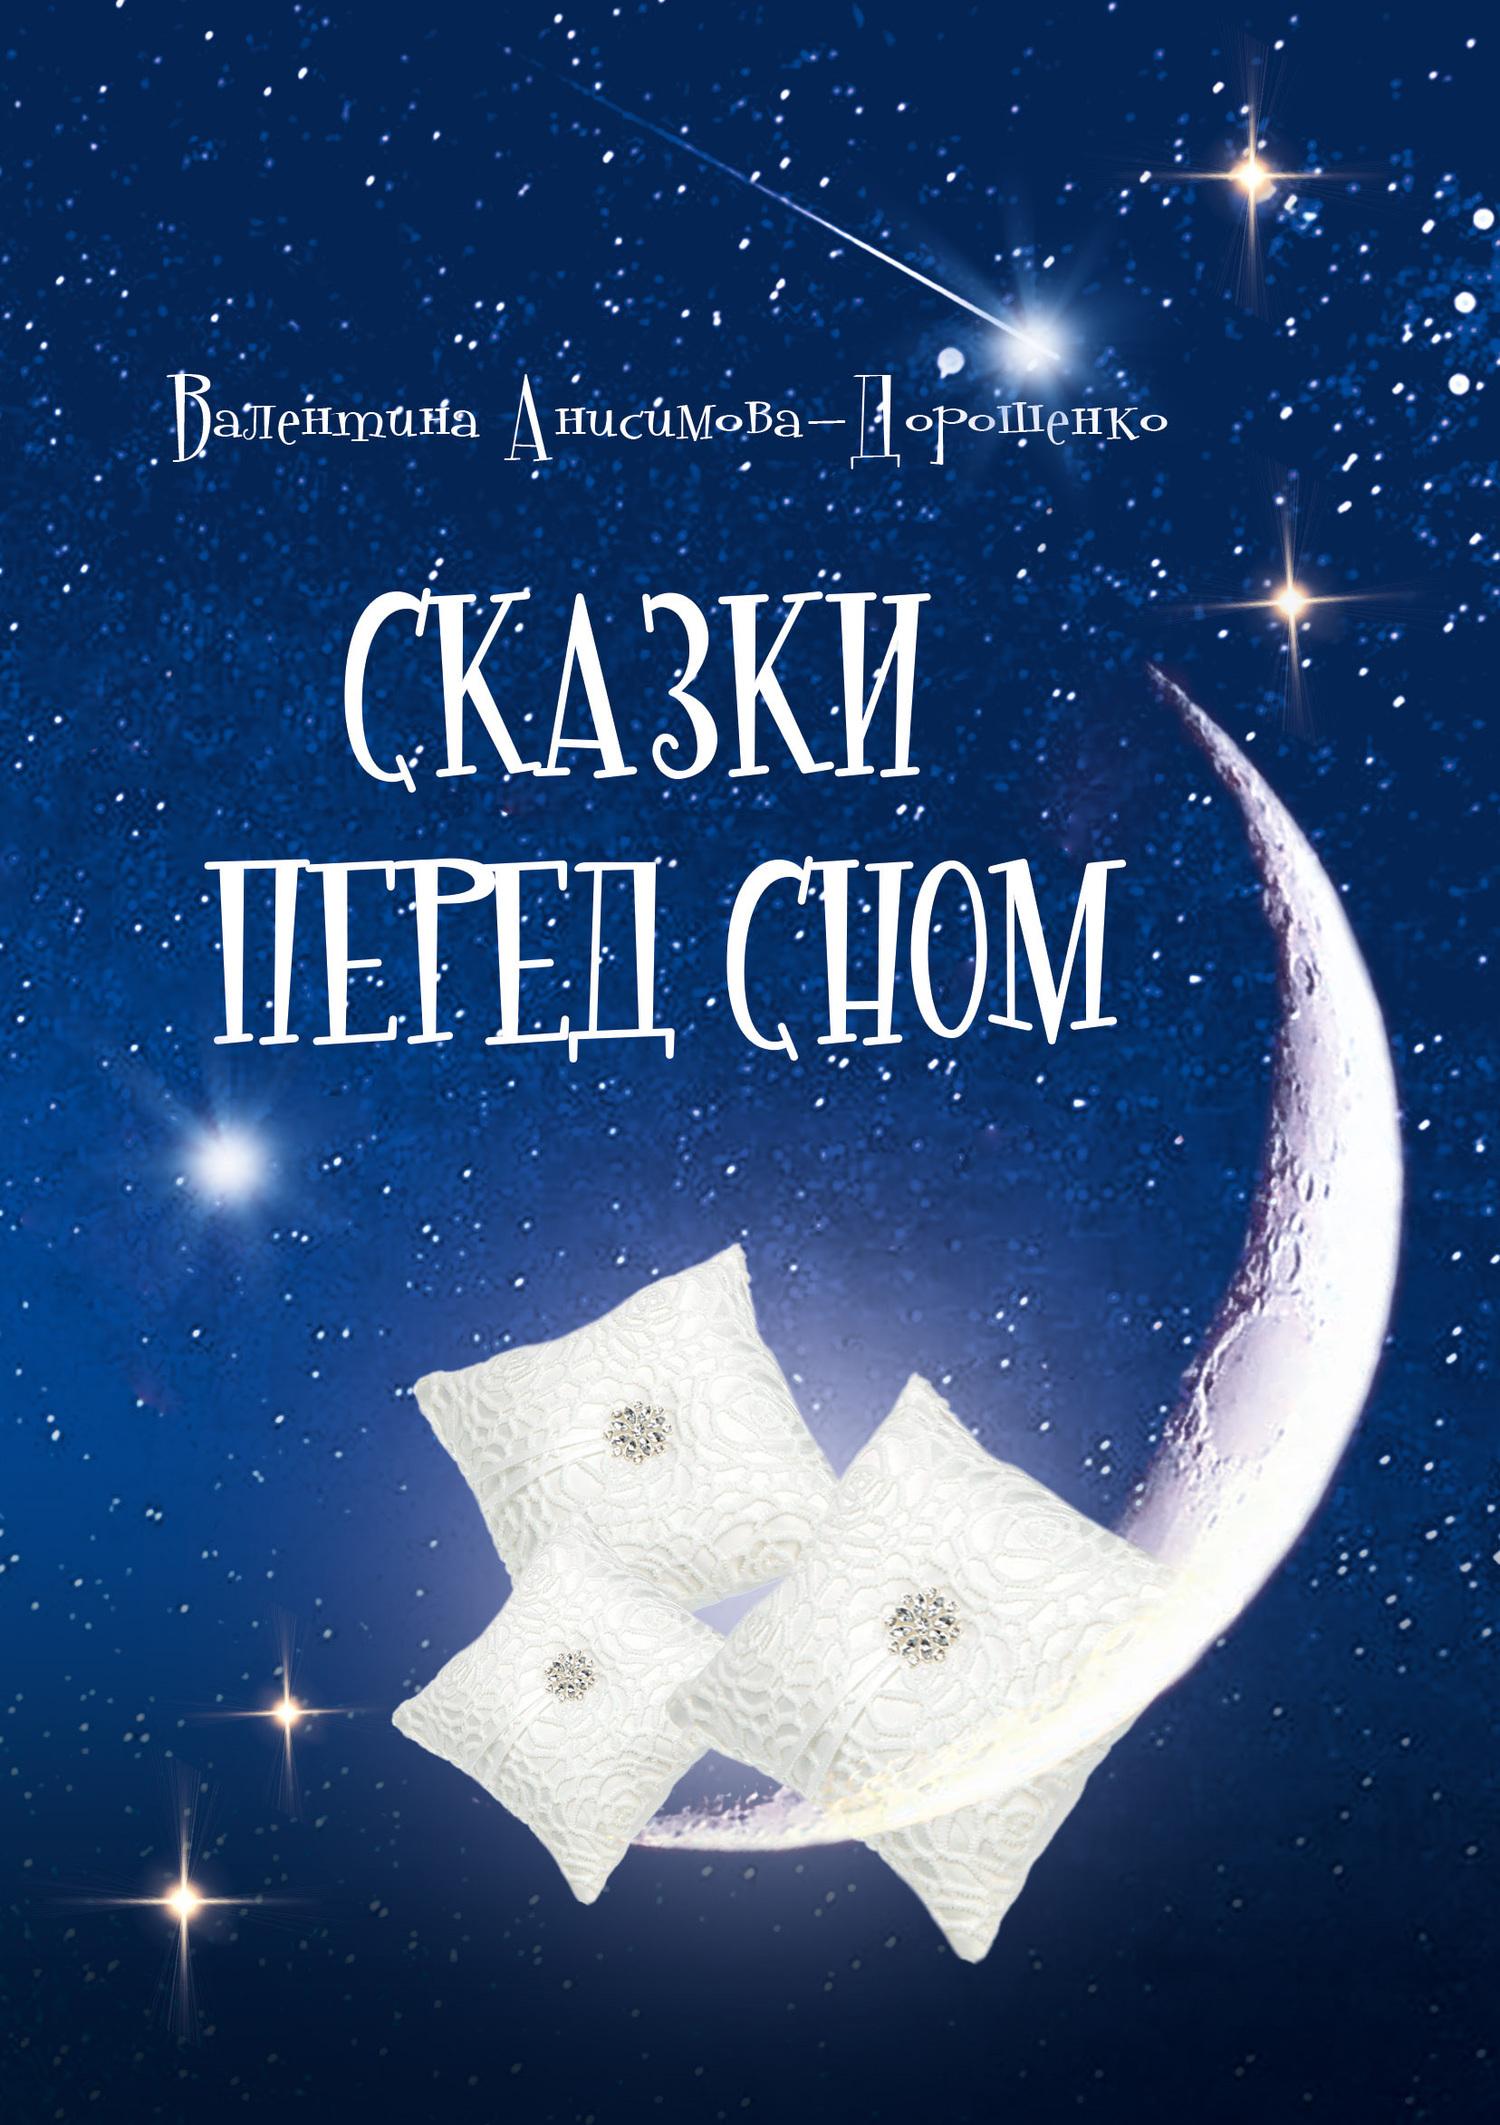 Валентина Анисимова-Дорошенко - Сказки перед сном